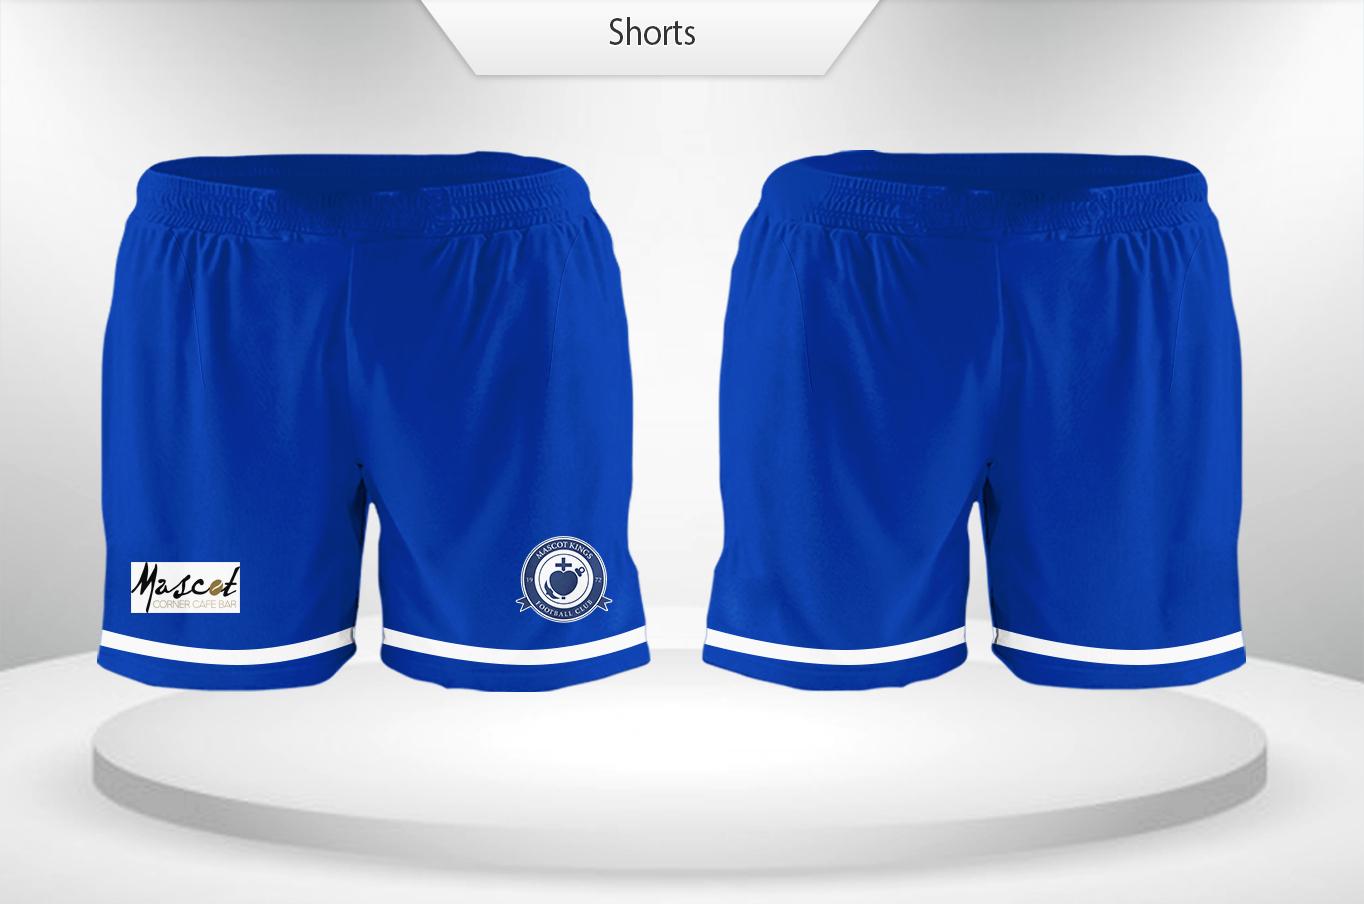 Mascot FC Shorts Design.JPG